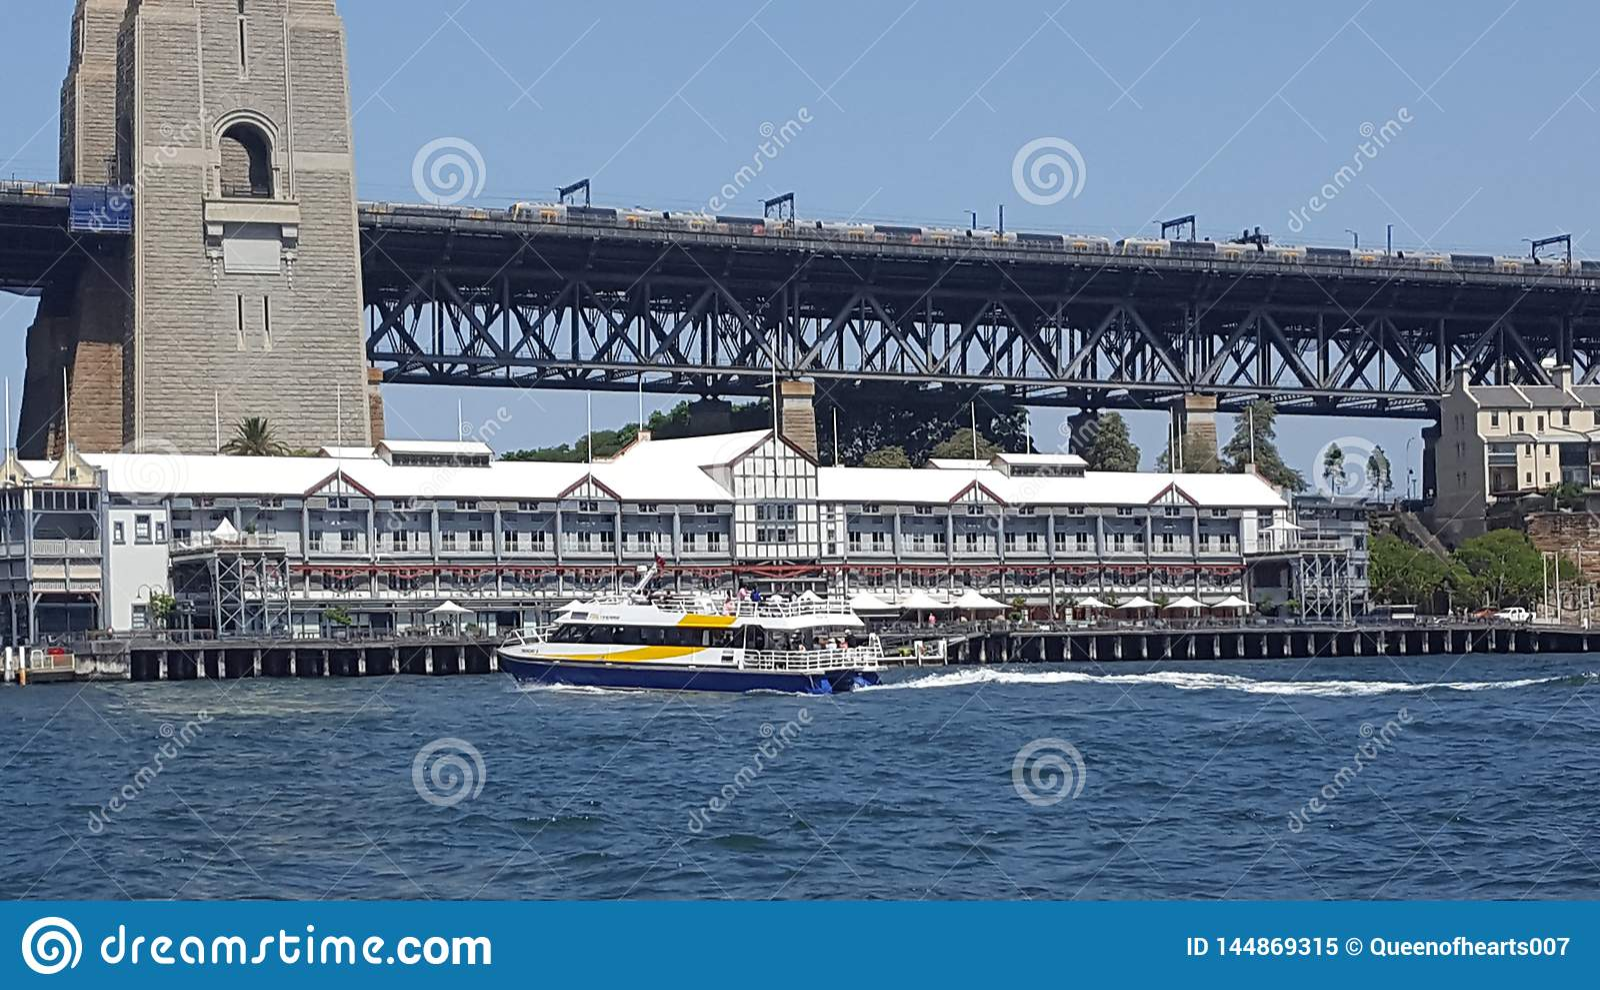 Το λιμάνι του Σίδνεϊ, αποβάθρα 1, μια αναπτυγμένος πλήμνη εστιατορίων στις ακτές του λιμανιού του Σίδνεϊ, Σίδνεϊ, NSW, Αυστραλία